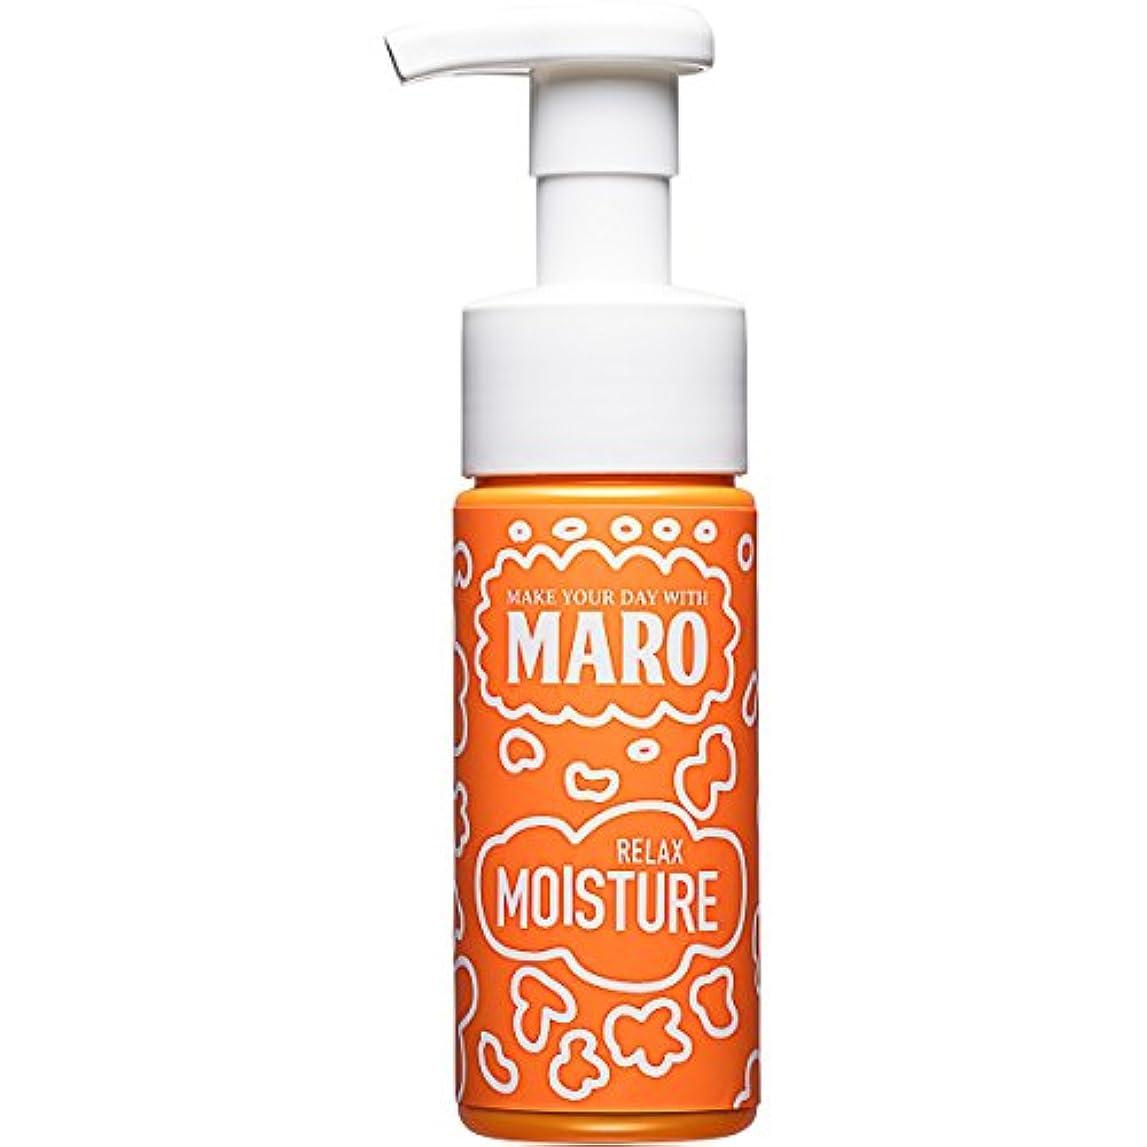 アルコーブチロ三番MARO グルーヴィー 泡洗顔 リラックスモイスチャー 150ml